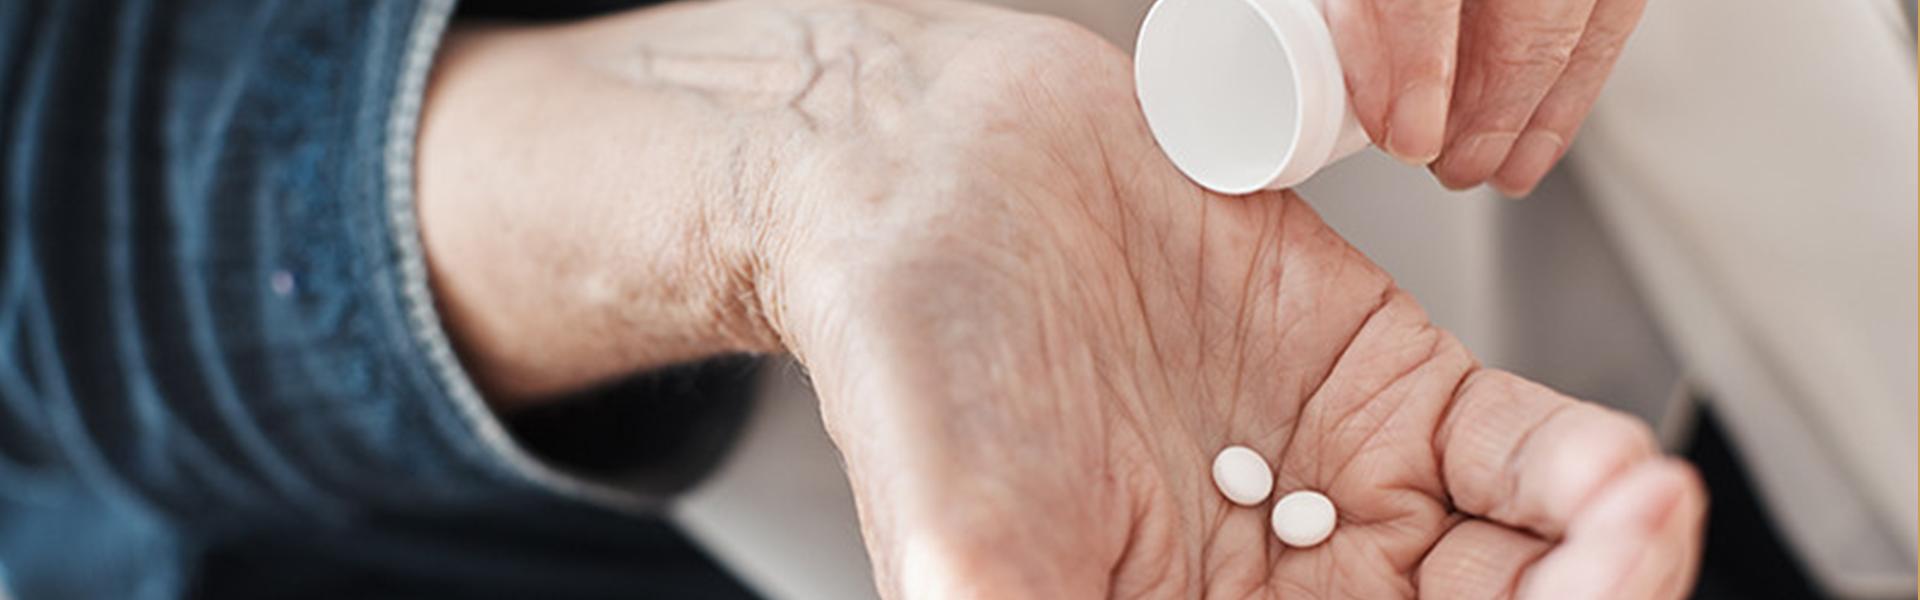 Anticoagulatie bij ouderen